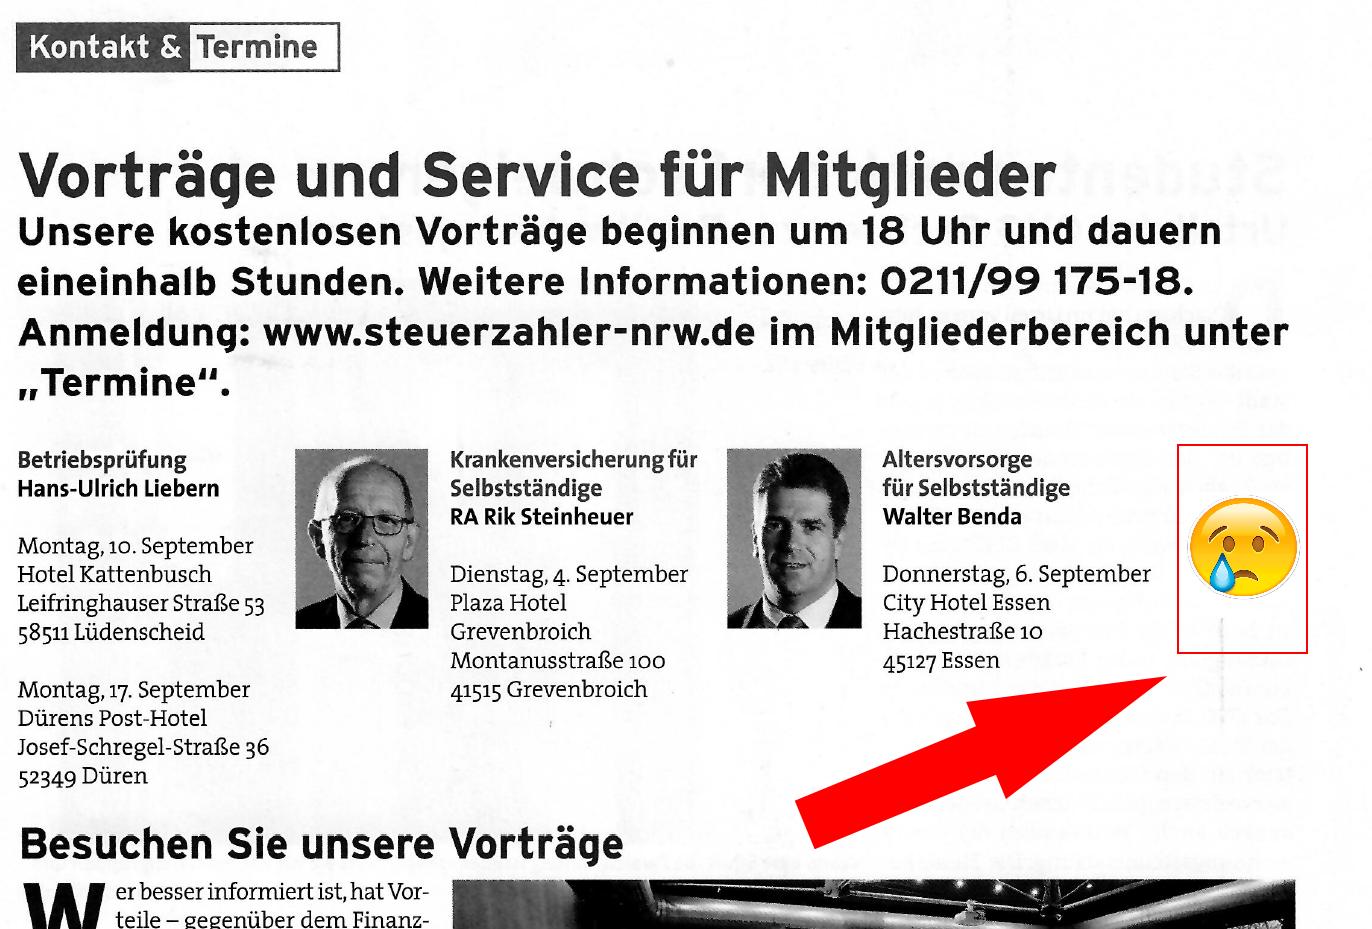 2018-07 Magazin Bund der Steuerzahler - Seminareinladung Walter Benda ohne Bild